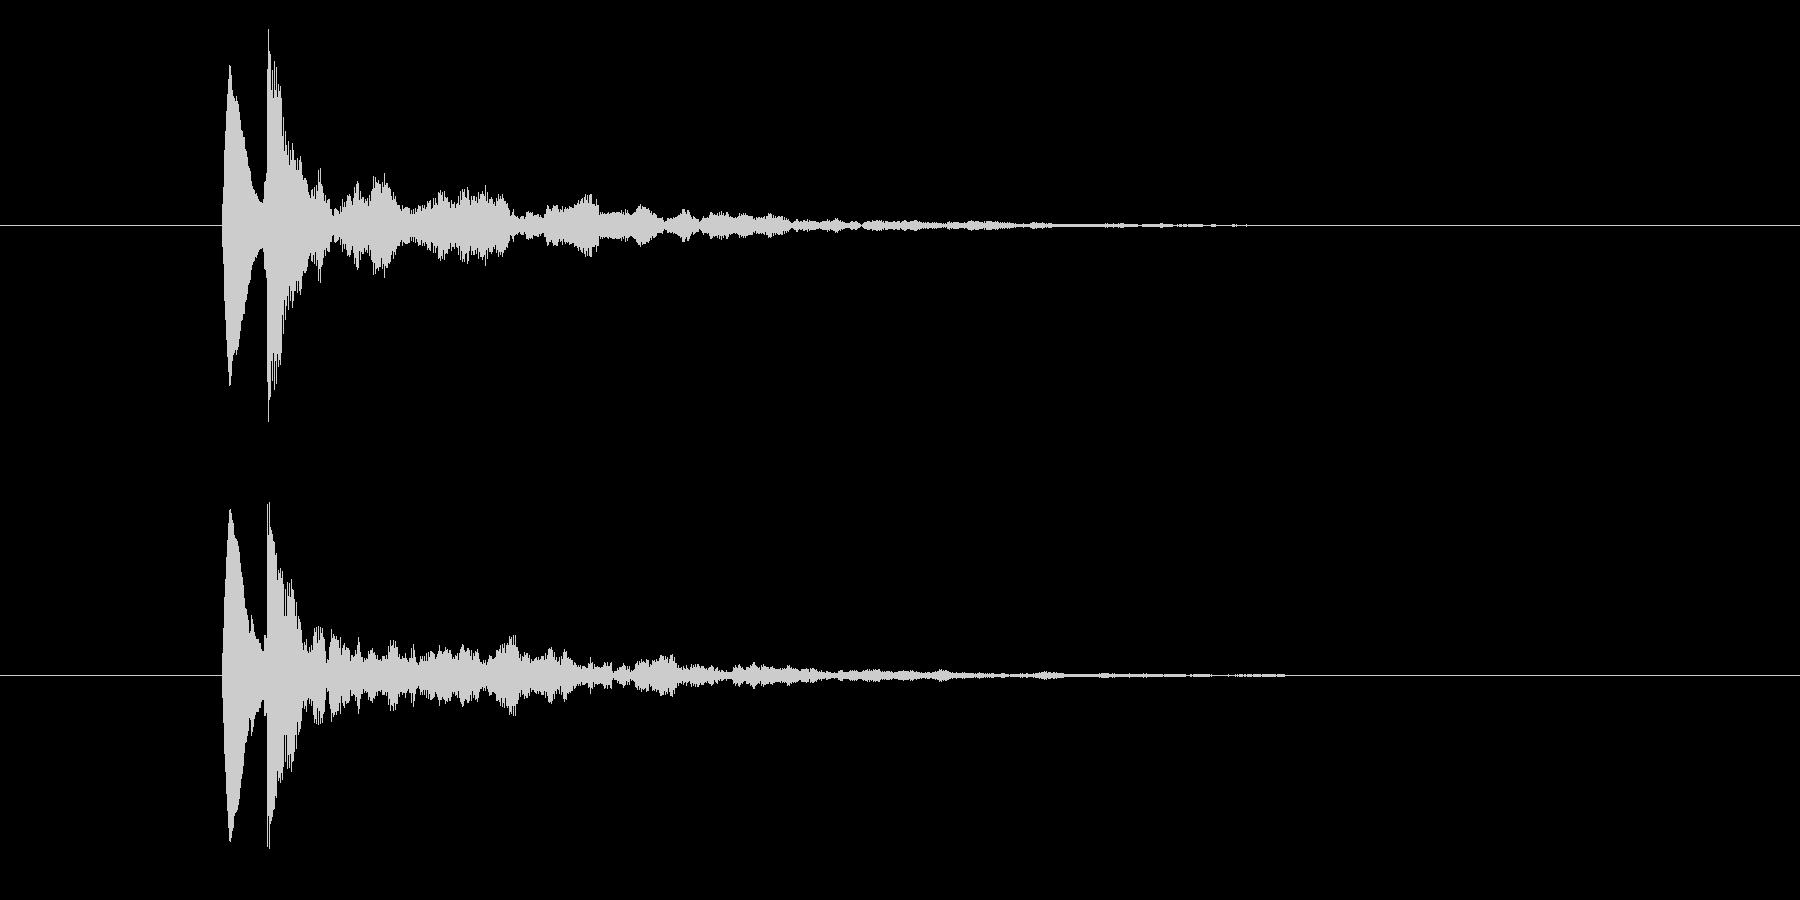 (ポロンッッ)アプリ起動音の未再生の波形